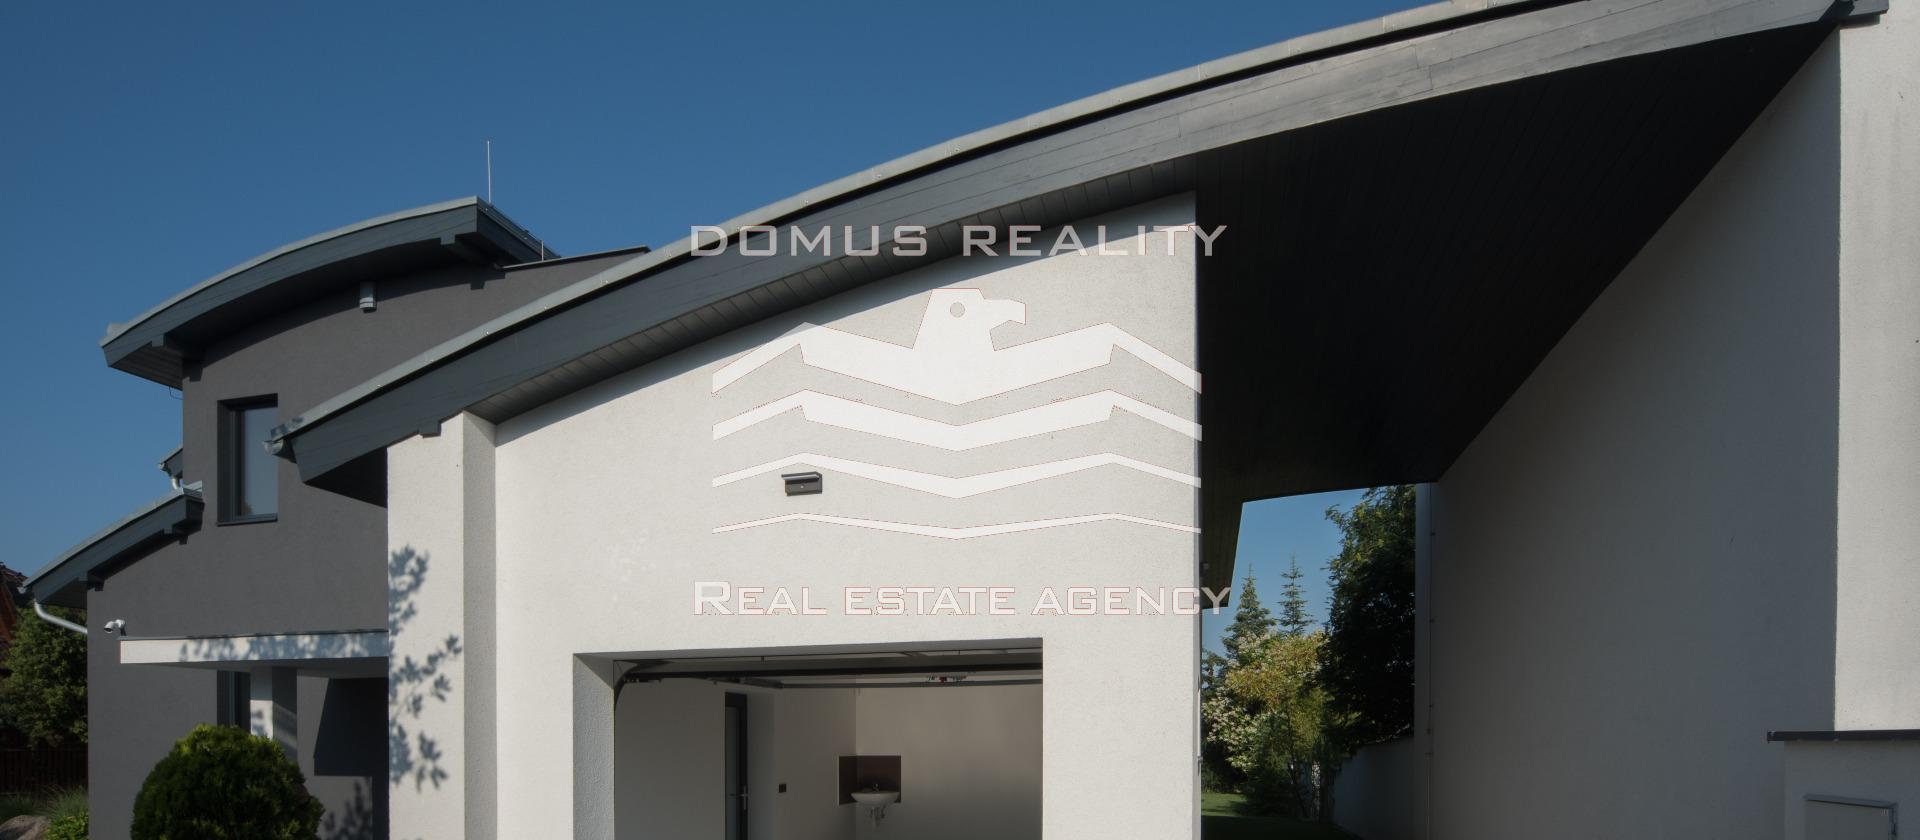 Naše realitní kancelář Vám nabízí prodej moderní vily, postavenou v roce 2018.